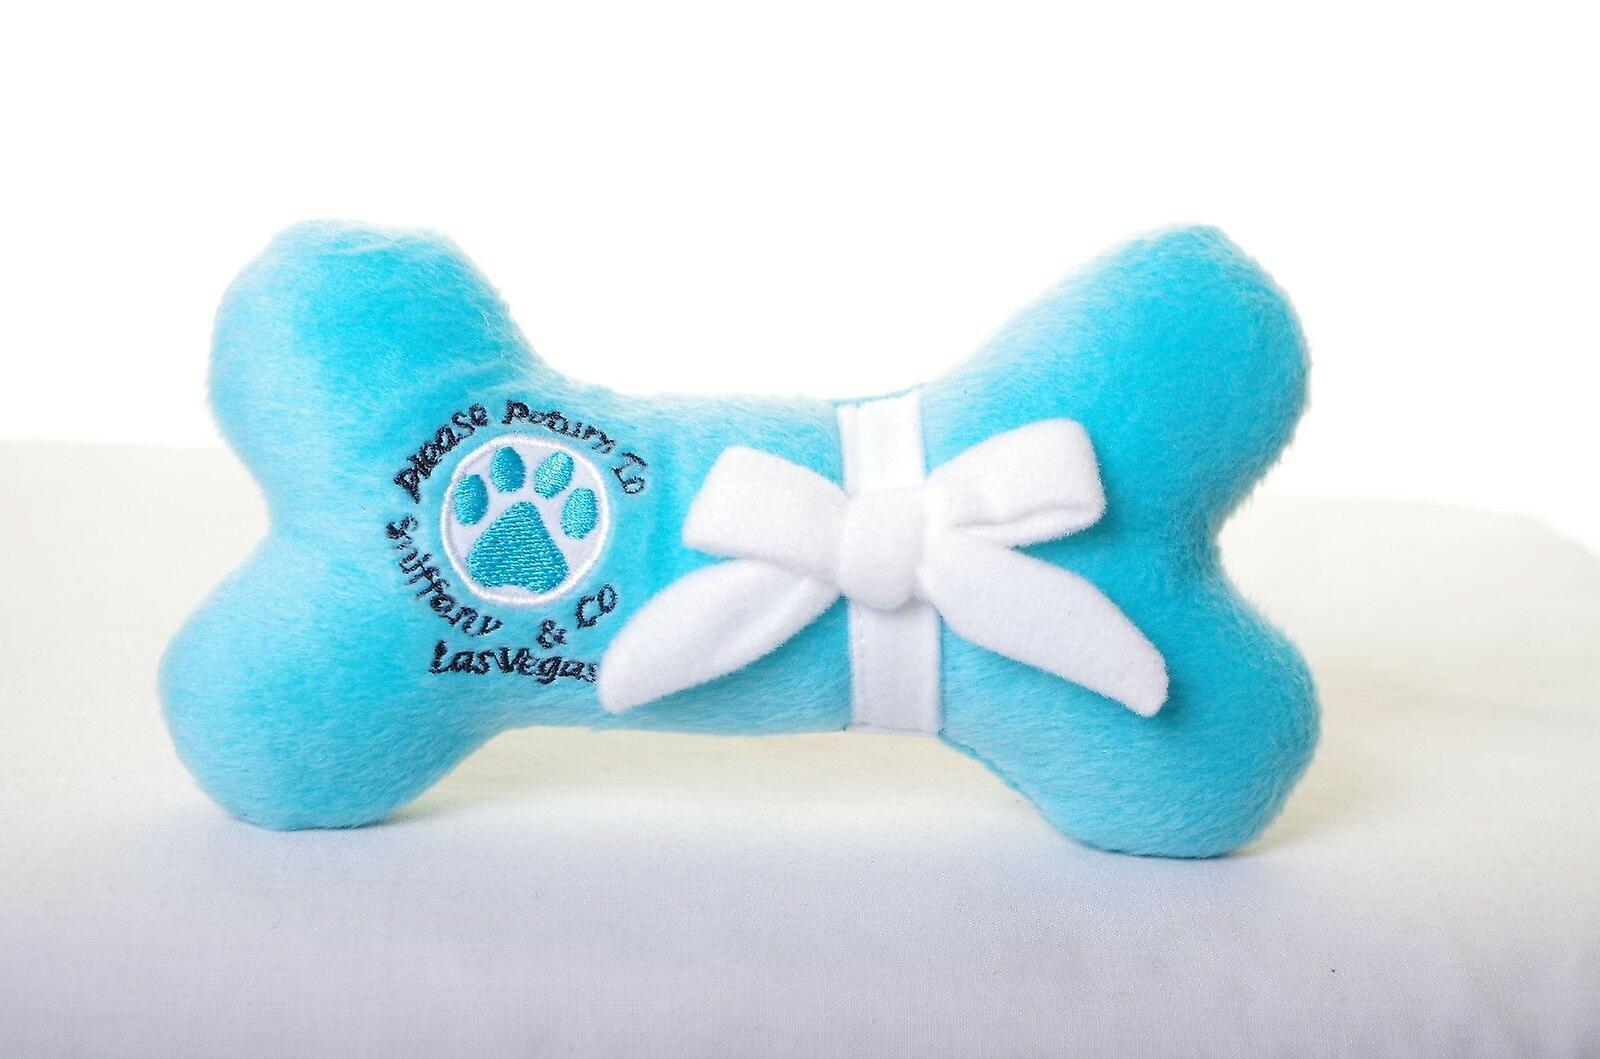 Sniffany & Co. Plush Bone Dog Toy